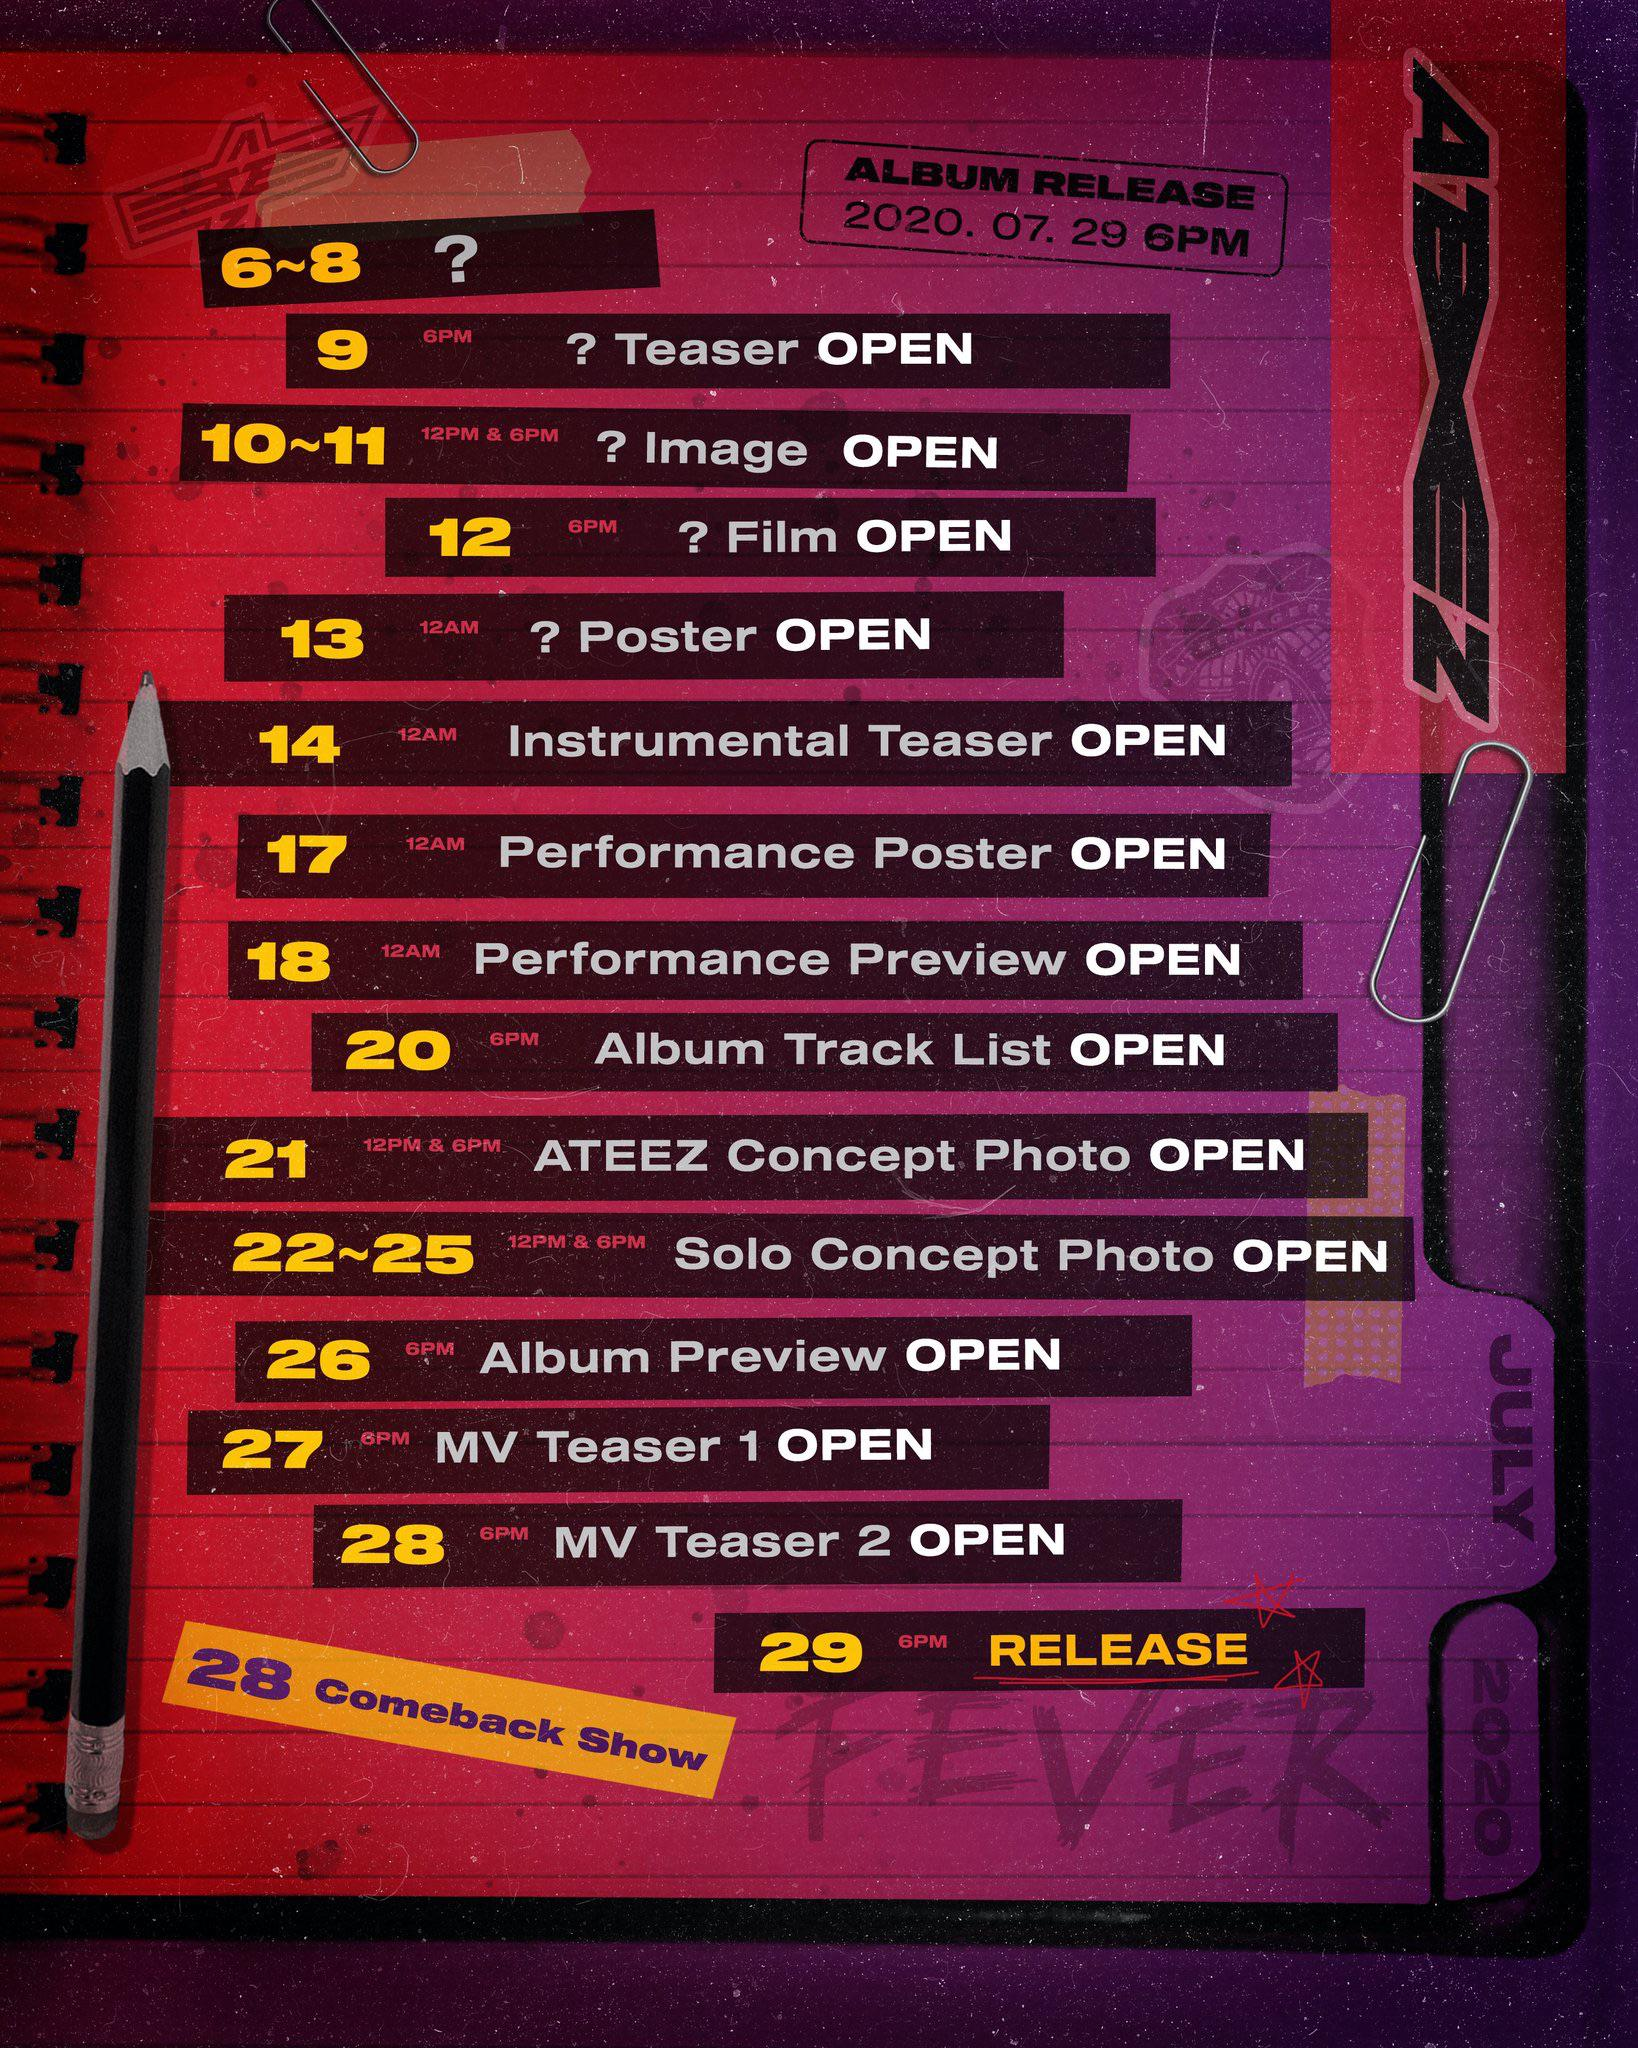 ATEEZ Schedule